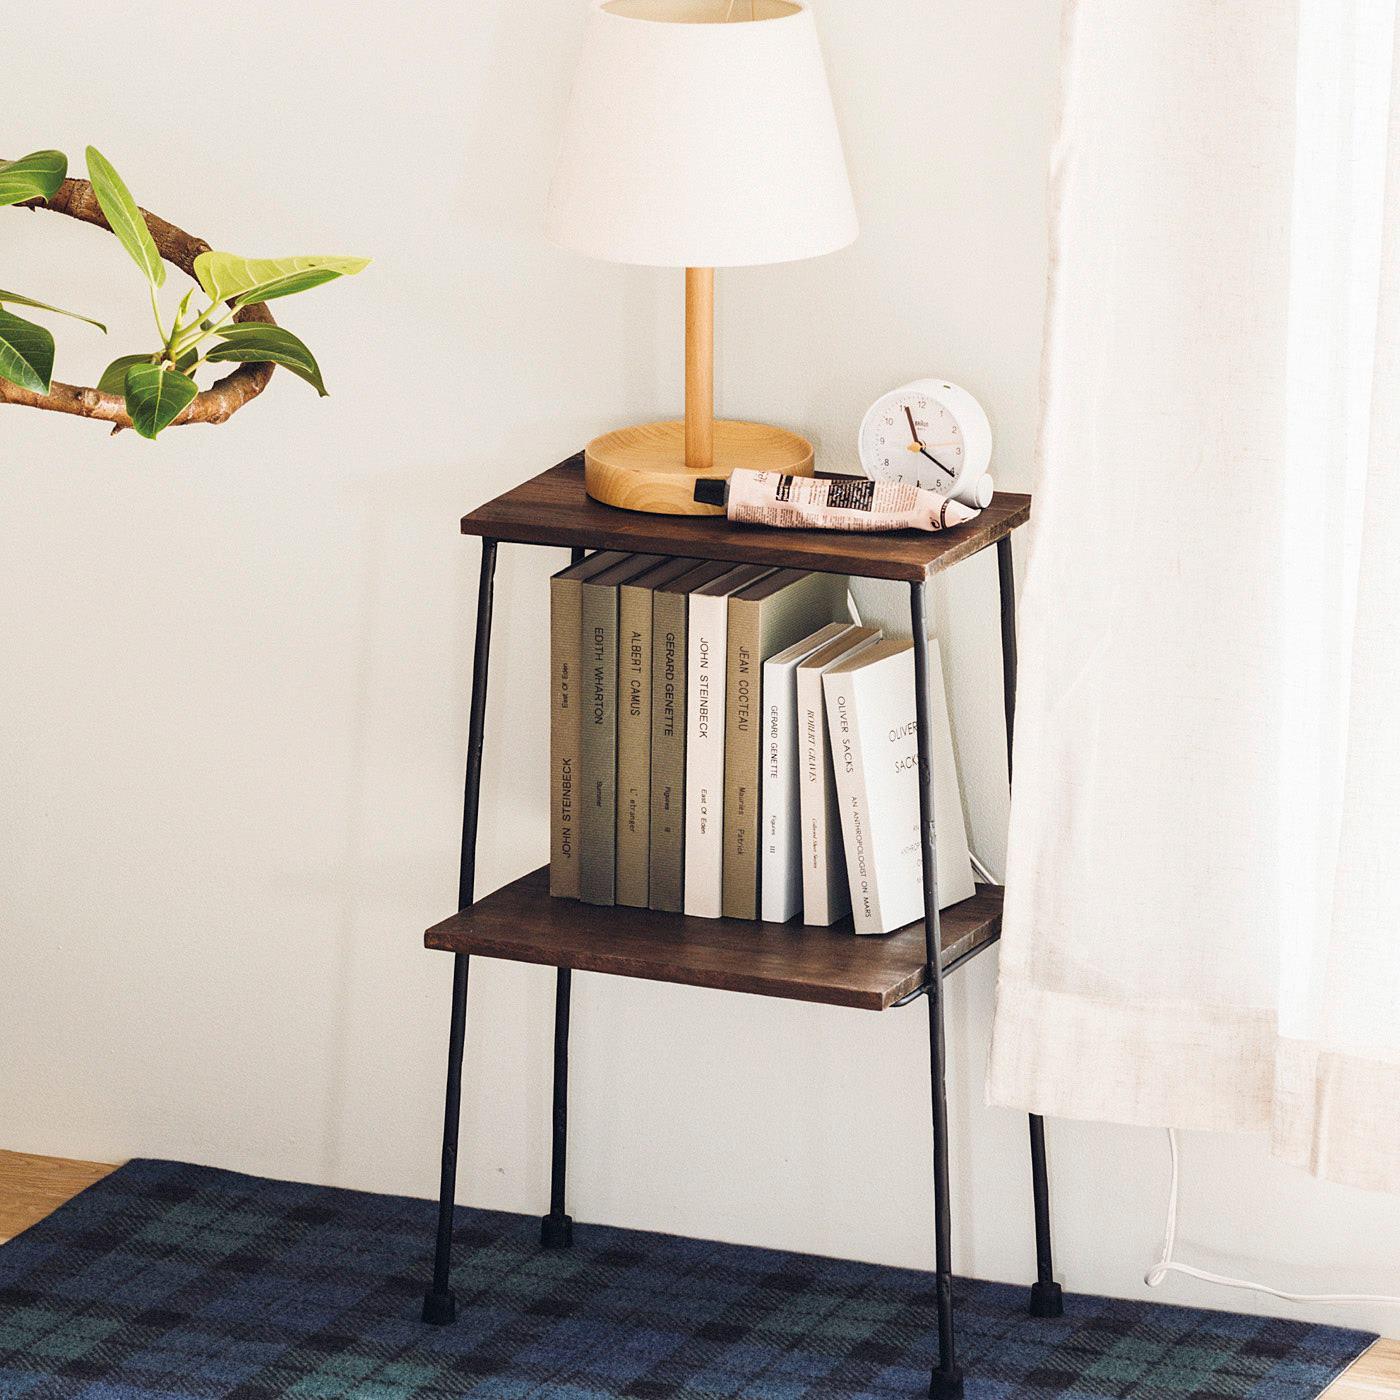 ベッドサイドなどのスタンド置きにもぴったり。  ※塩化ビニル樹脂など一部の樹脂製の床材に設置すると、滑り止めゴムから床材に色移りする場合があります。